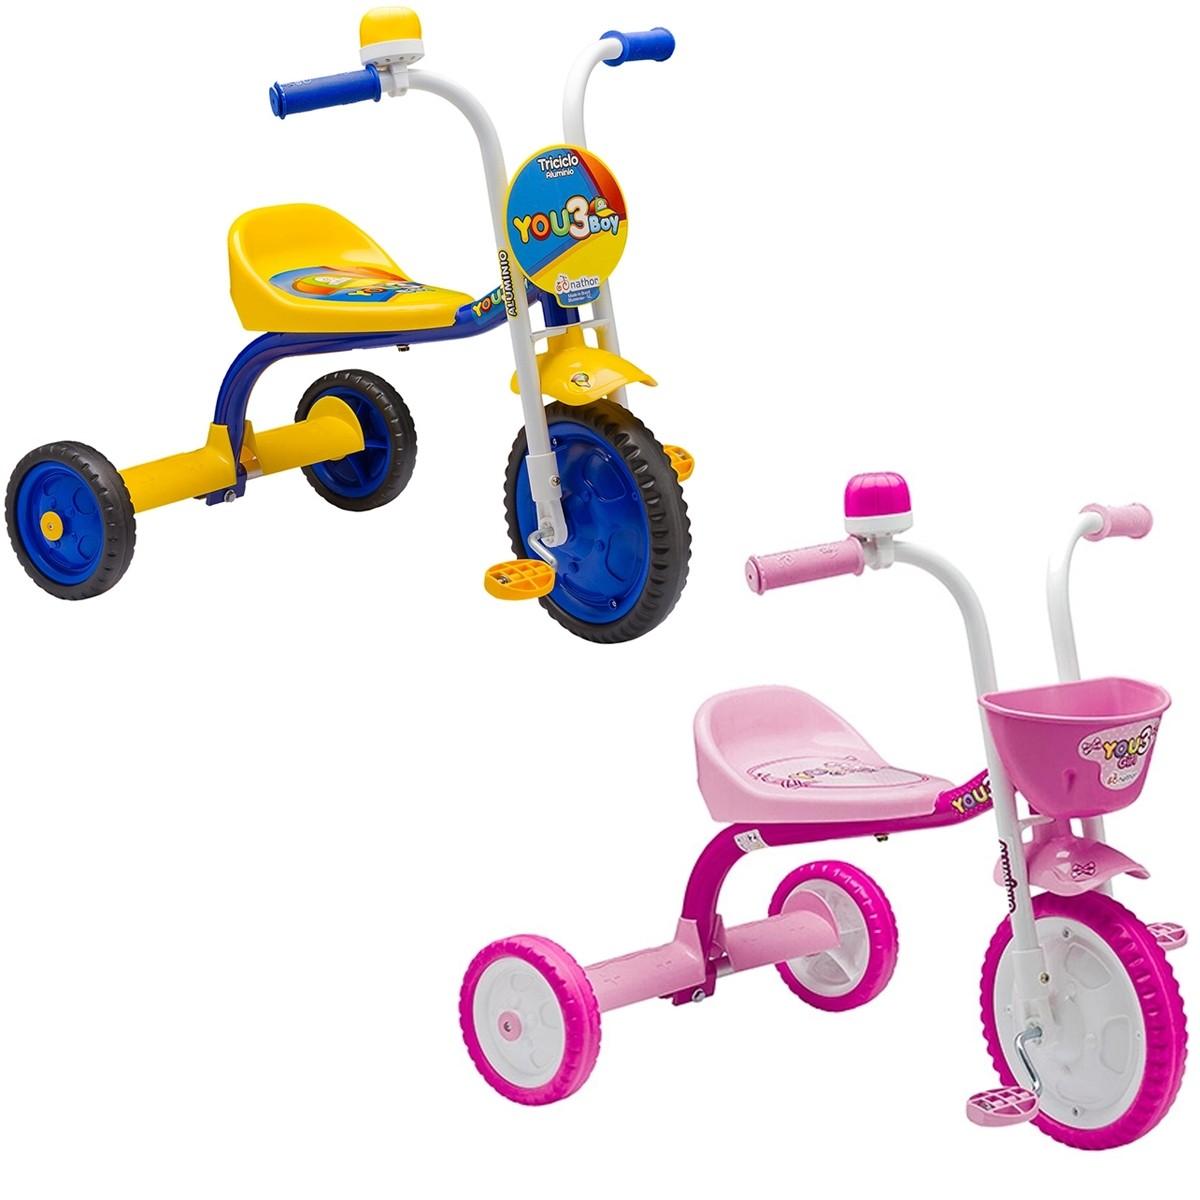 Triciclo Infantil Nathor You 3 Alumínio Buzina Aro 5